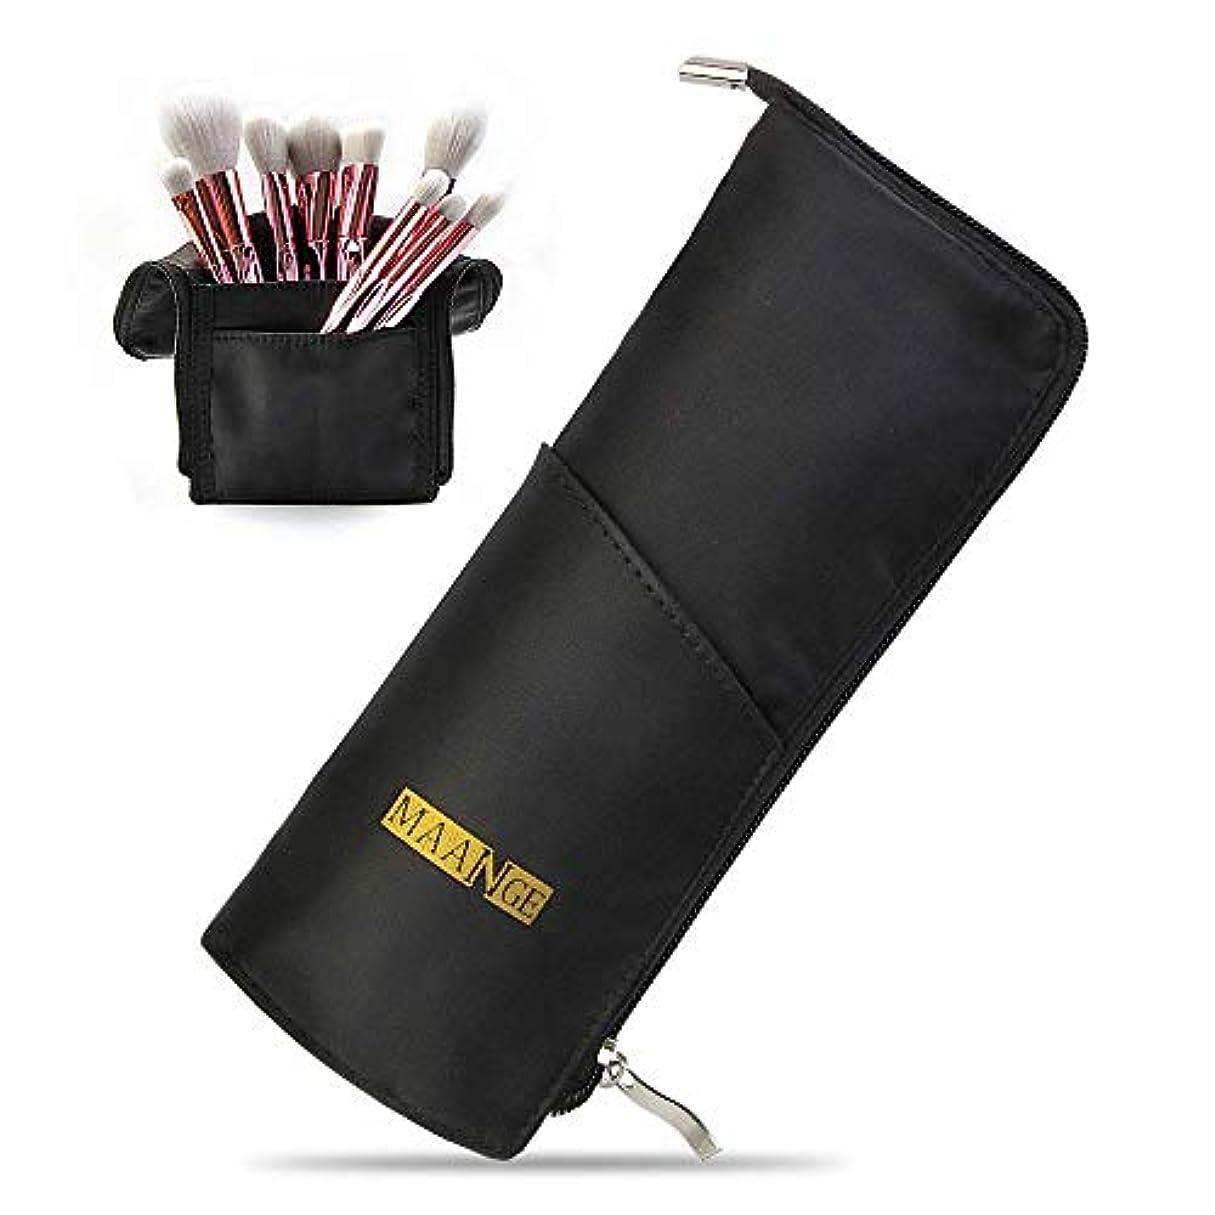 一生適切なMAANGEメイクブラシケース ペンケース 化粧筆ポーチ メイクポーチ 多機能収納バッグ 筆箱 小物入れ メイクブラシホルダー旅行 化粧バッグ(ブラック)